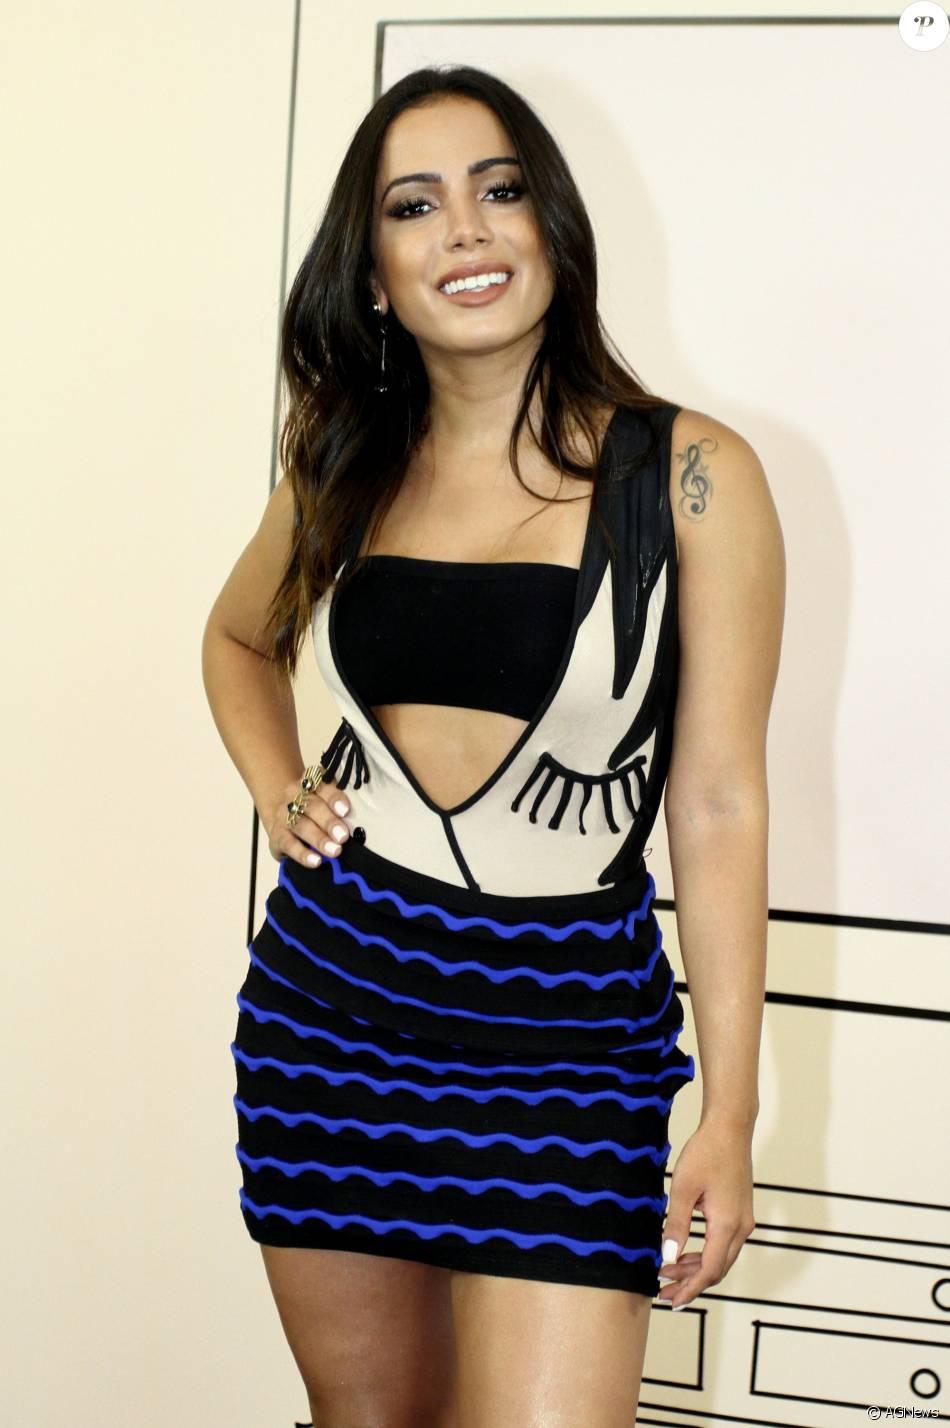 Cantora do hit 'Bang', Anitta aparece com um visual diferente atualmente